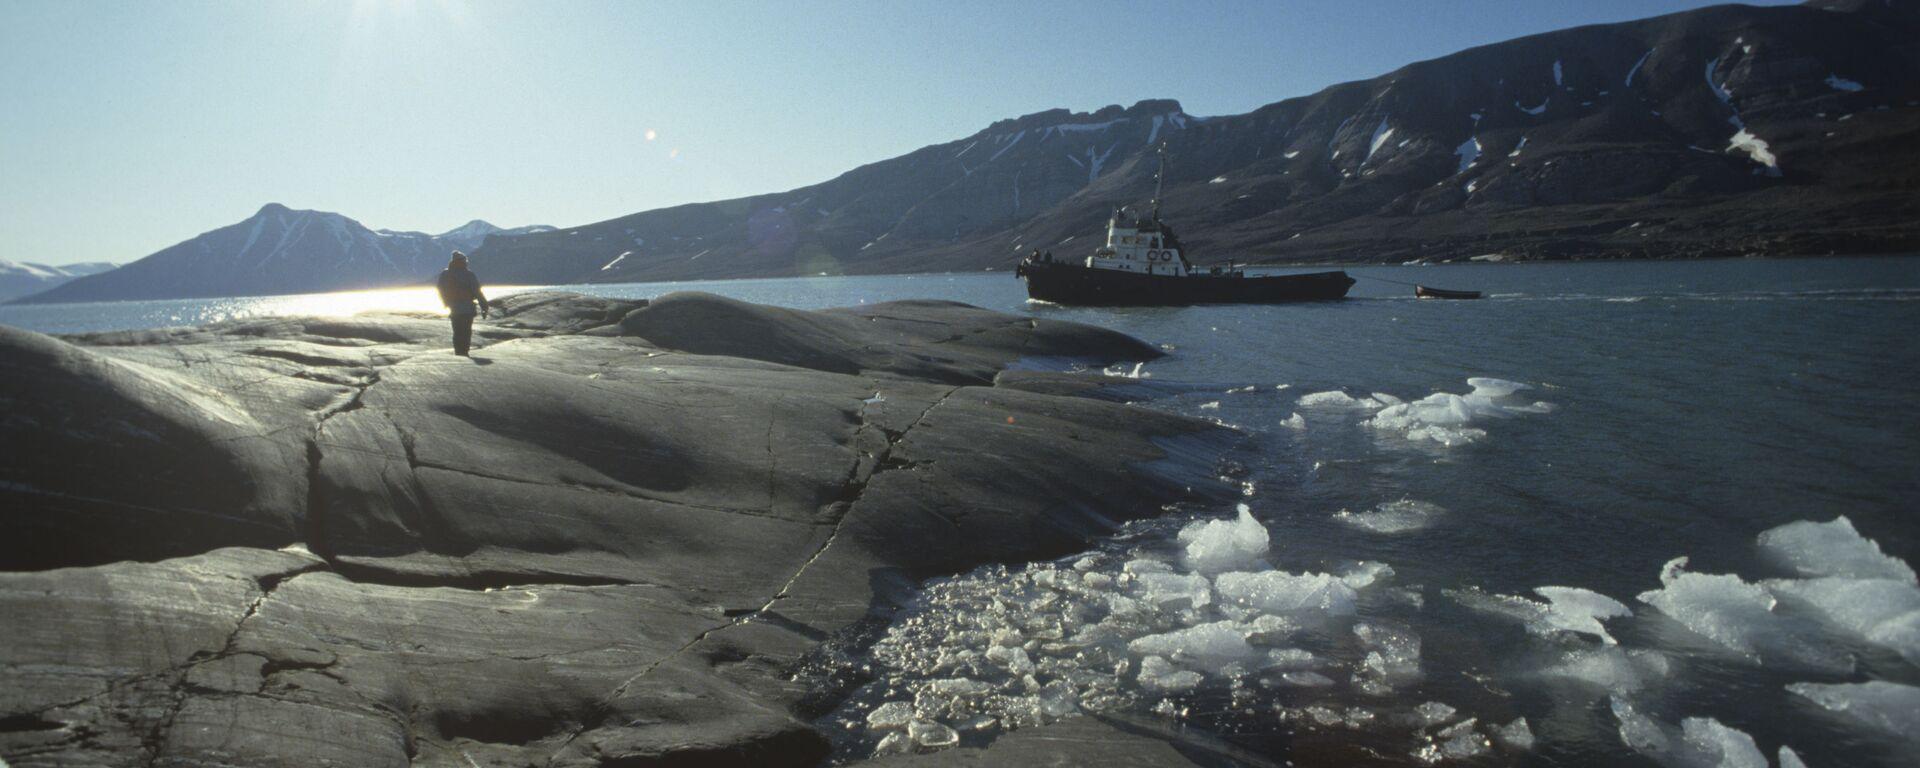 Spitsbergen - Sputnik Việt Nam, 1920, 24.09.2021